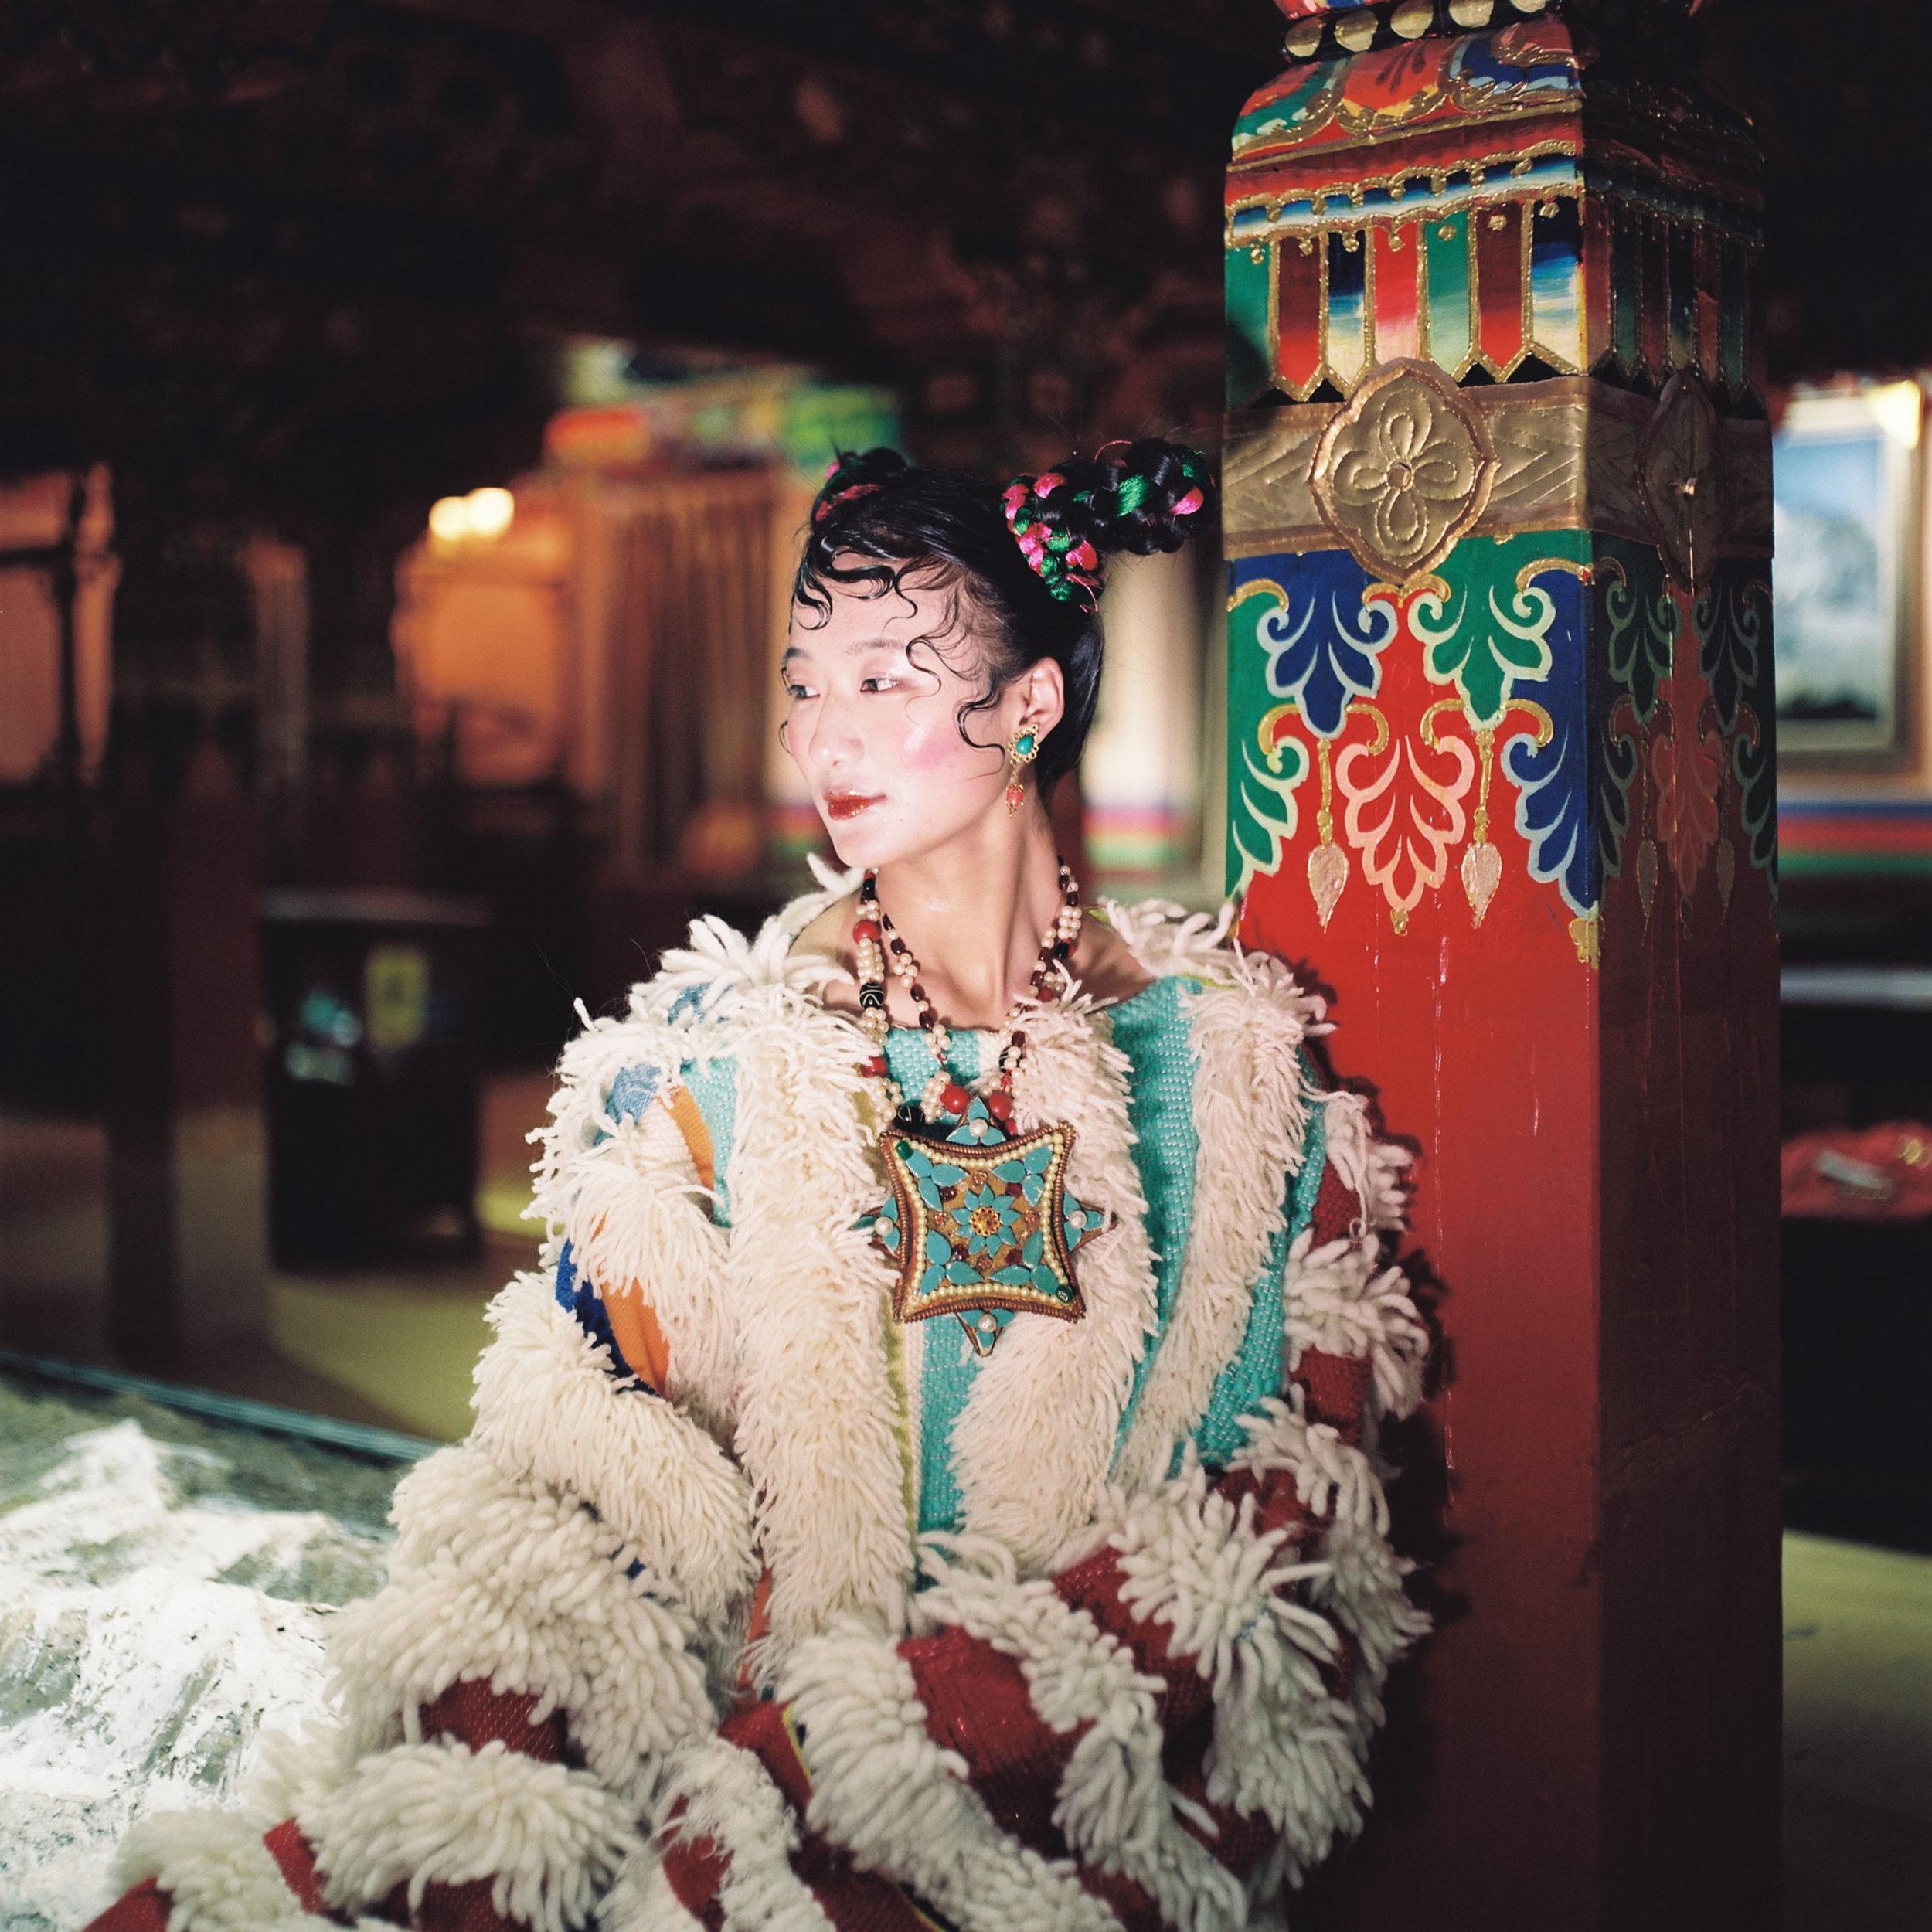 nyema-droma-sons-of-himalaya-photography-of-china-3.JPG